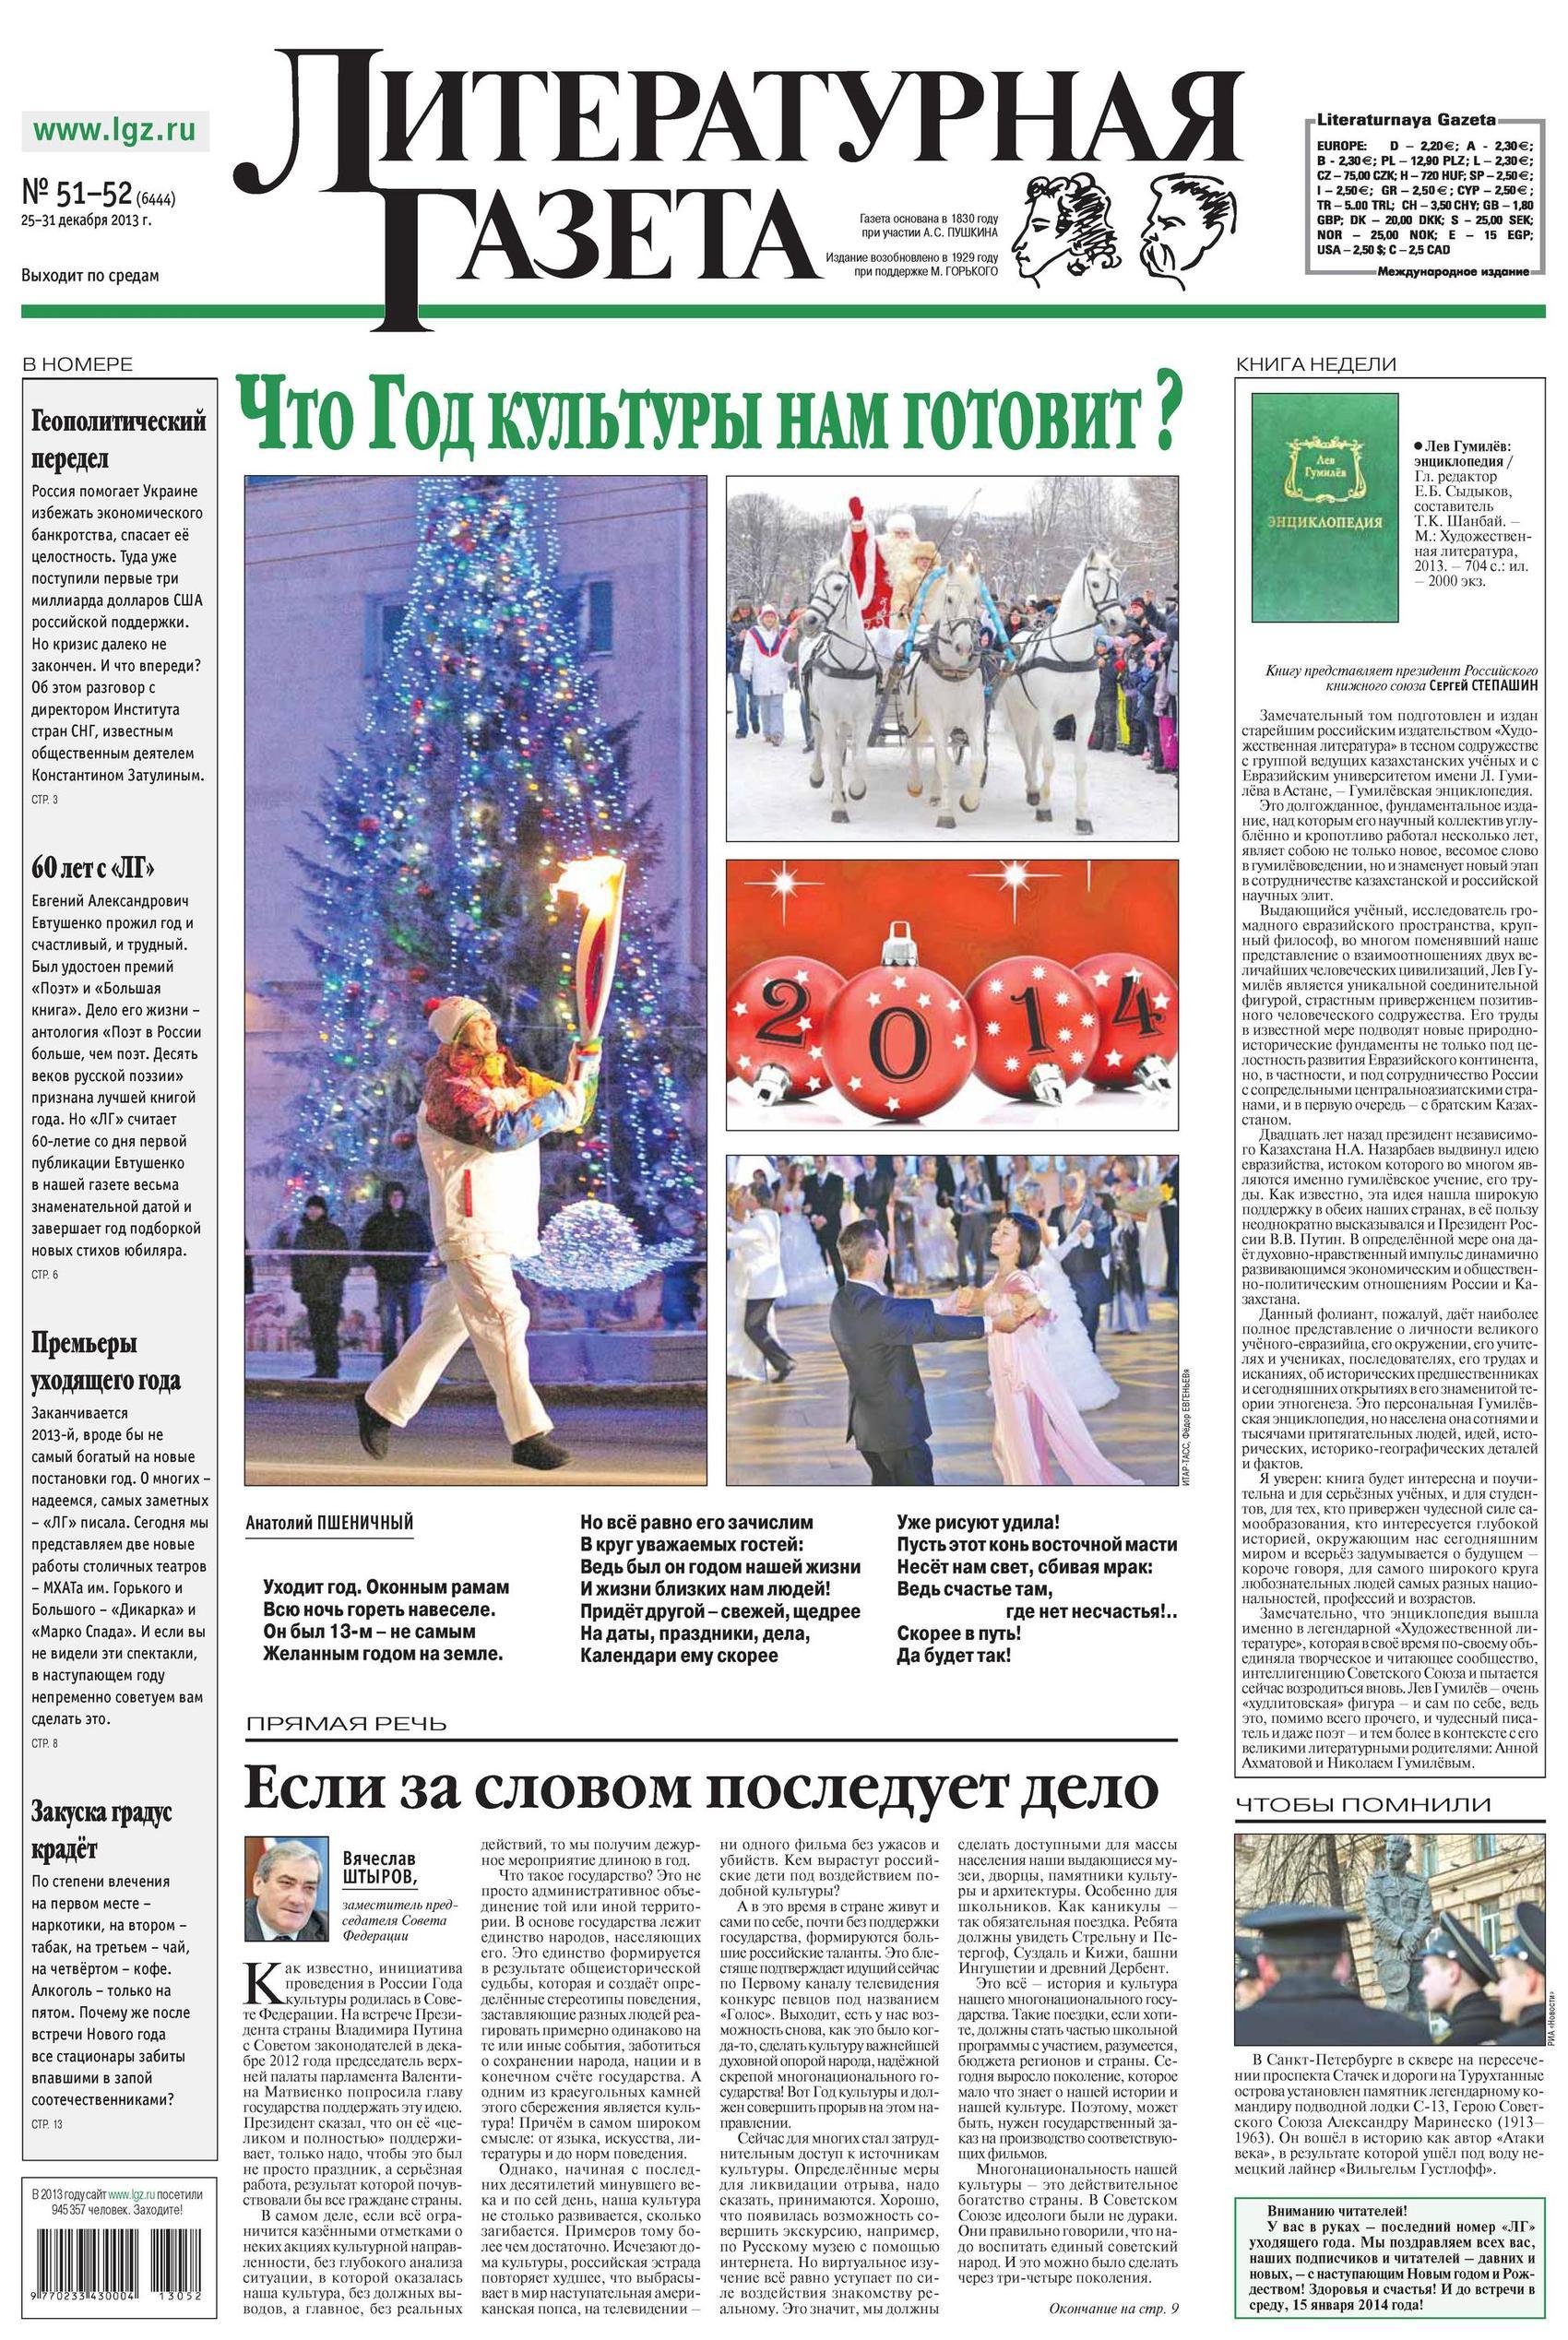 Отсутствует Литературная газета №51-52 (6444) 2013 отсутствует литературная газета 51 52 6537 2015